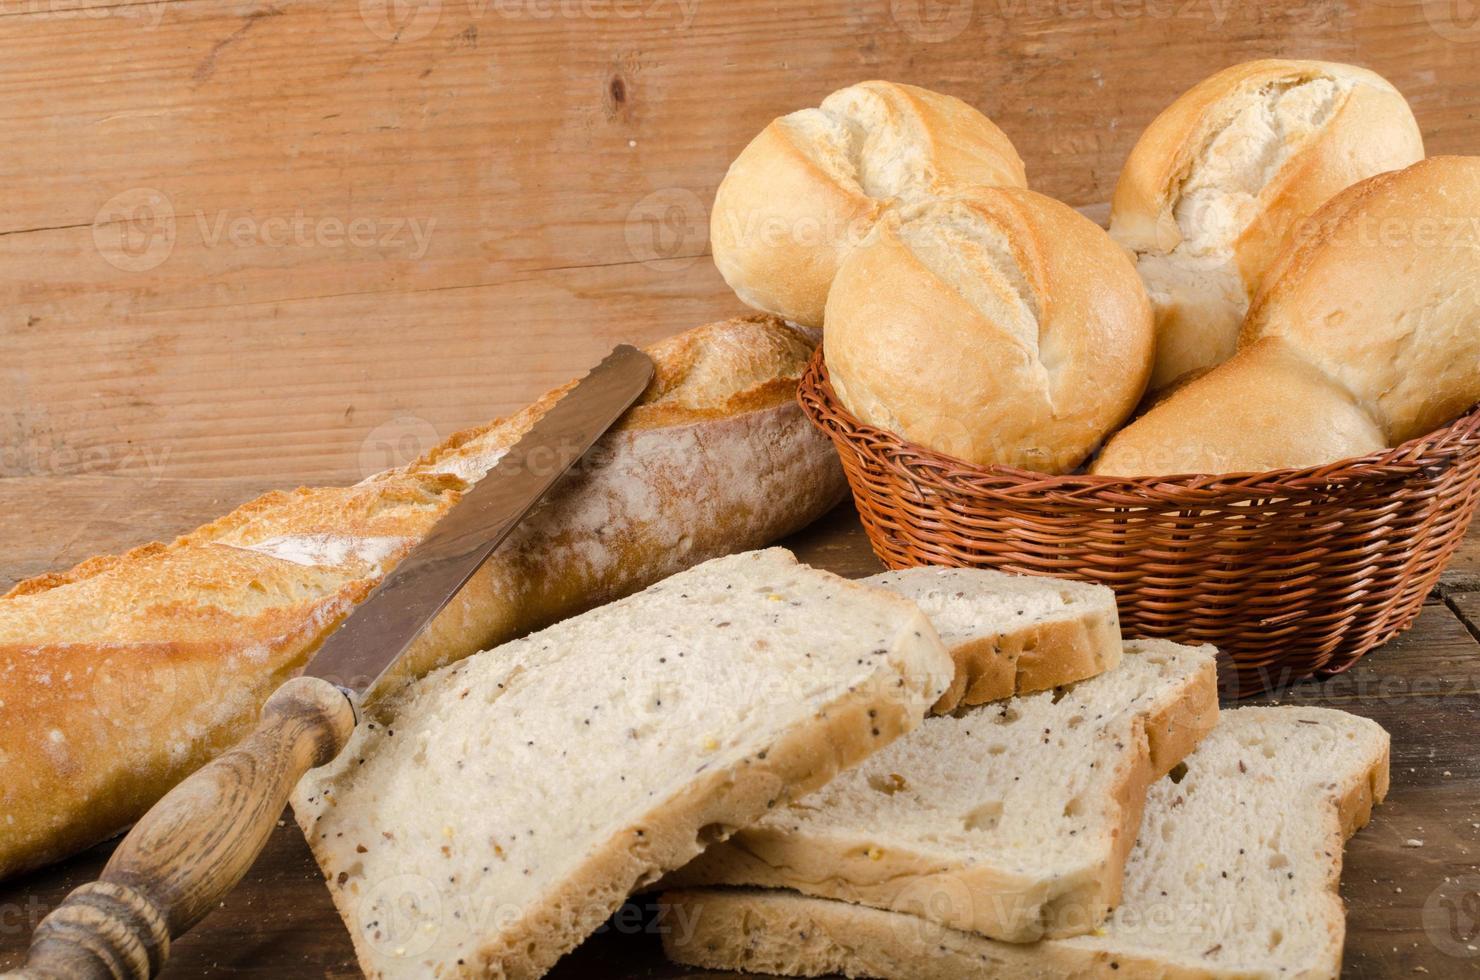 olika typer av bröd foto